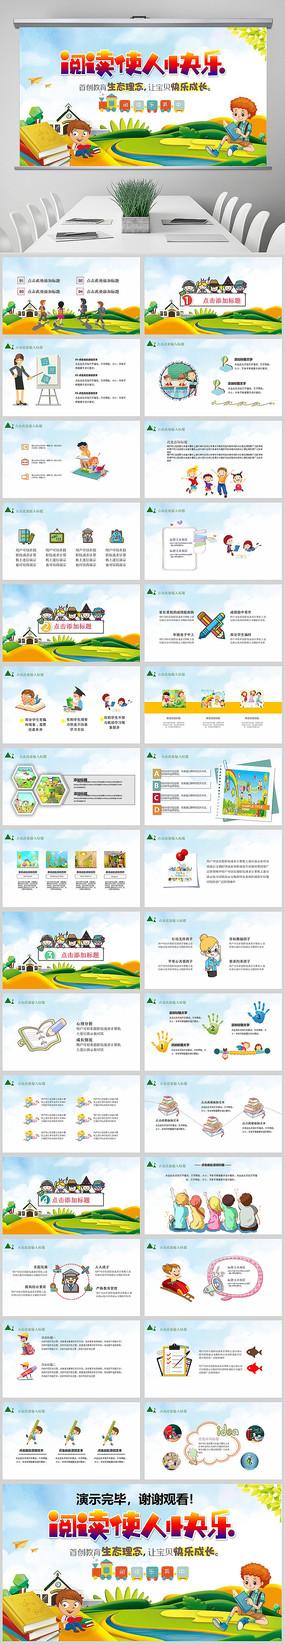 儿童快乐阅读读书分享会PPT